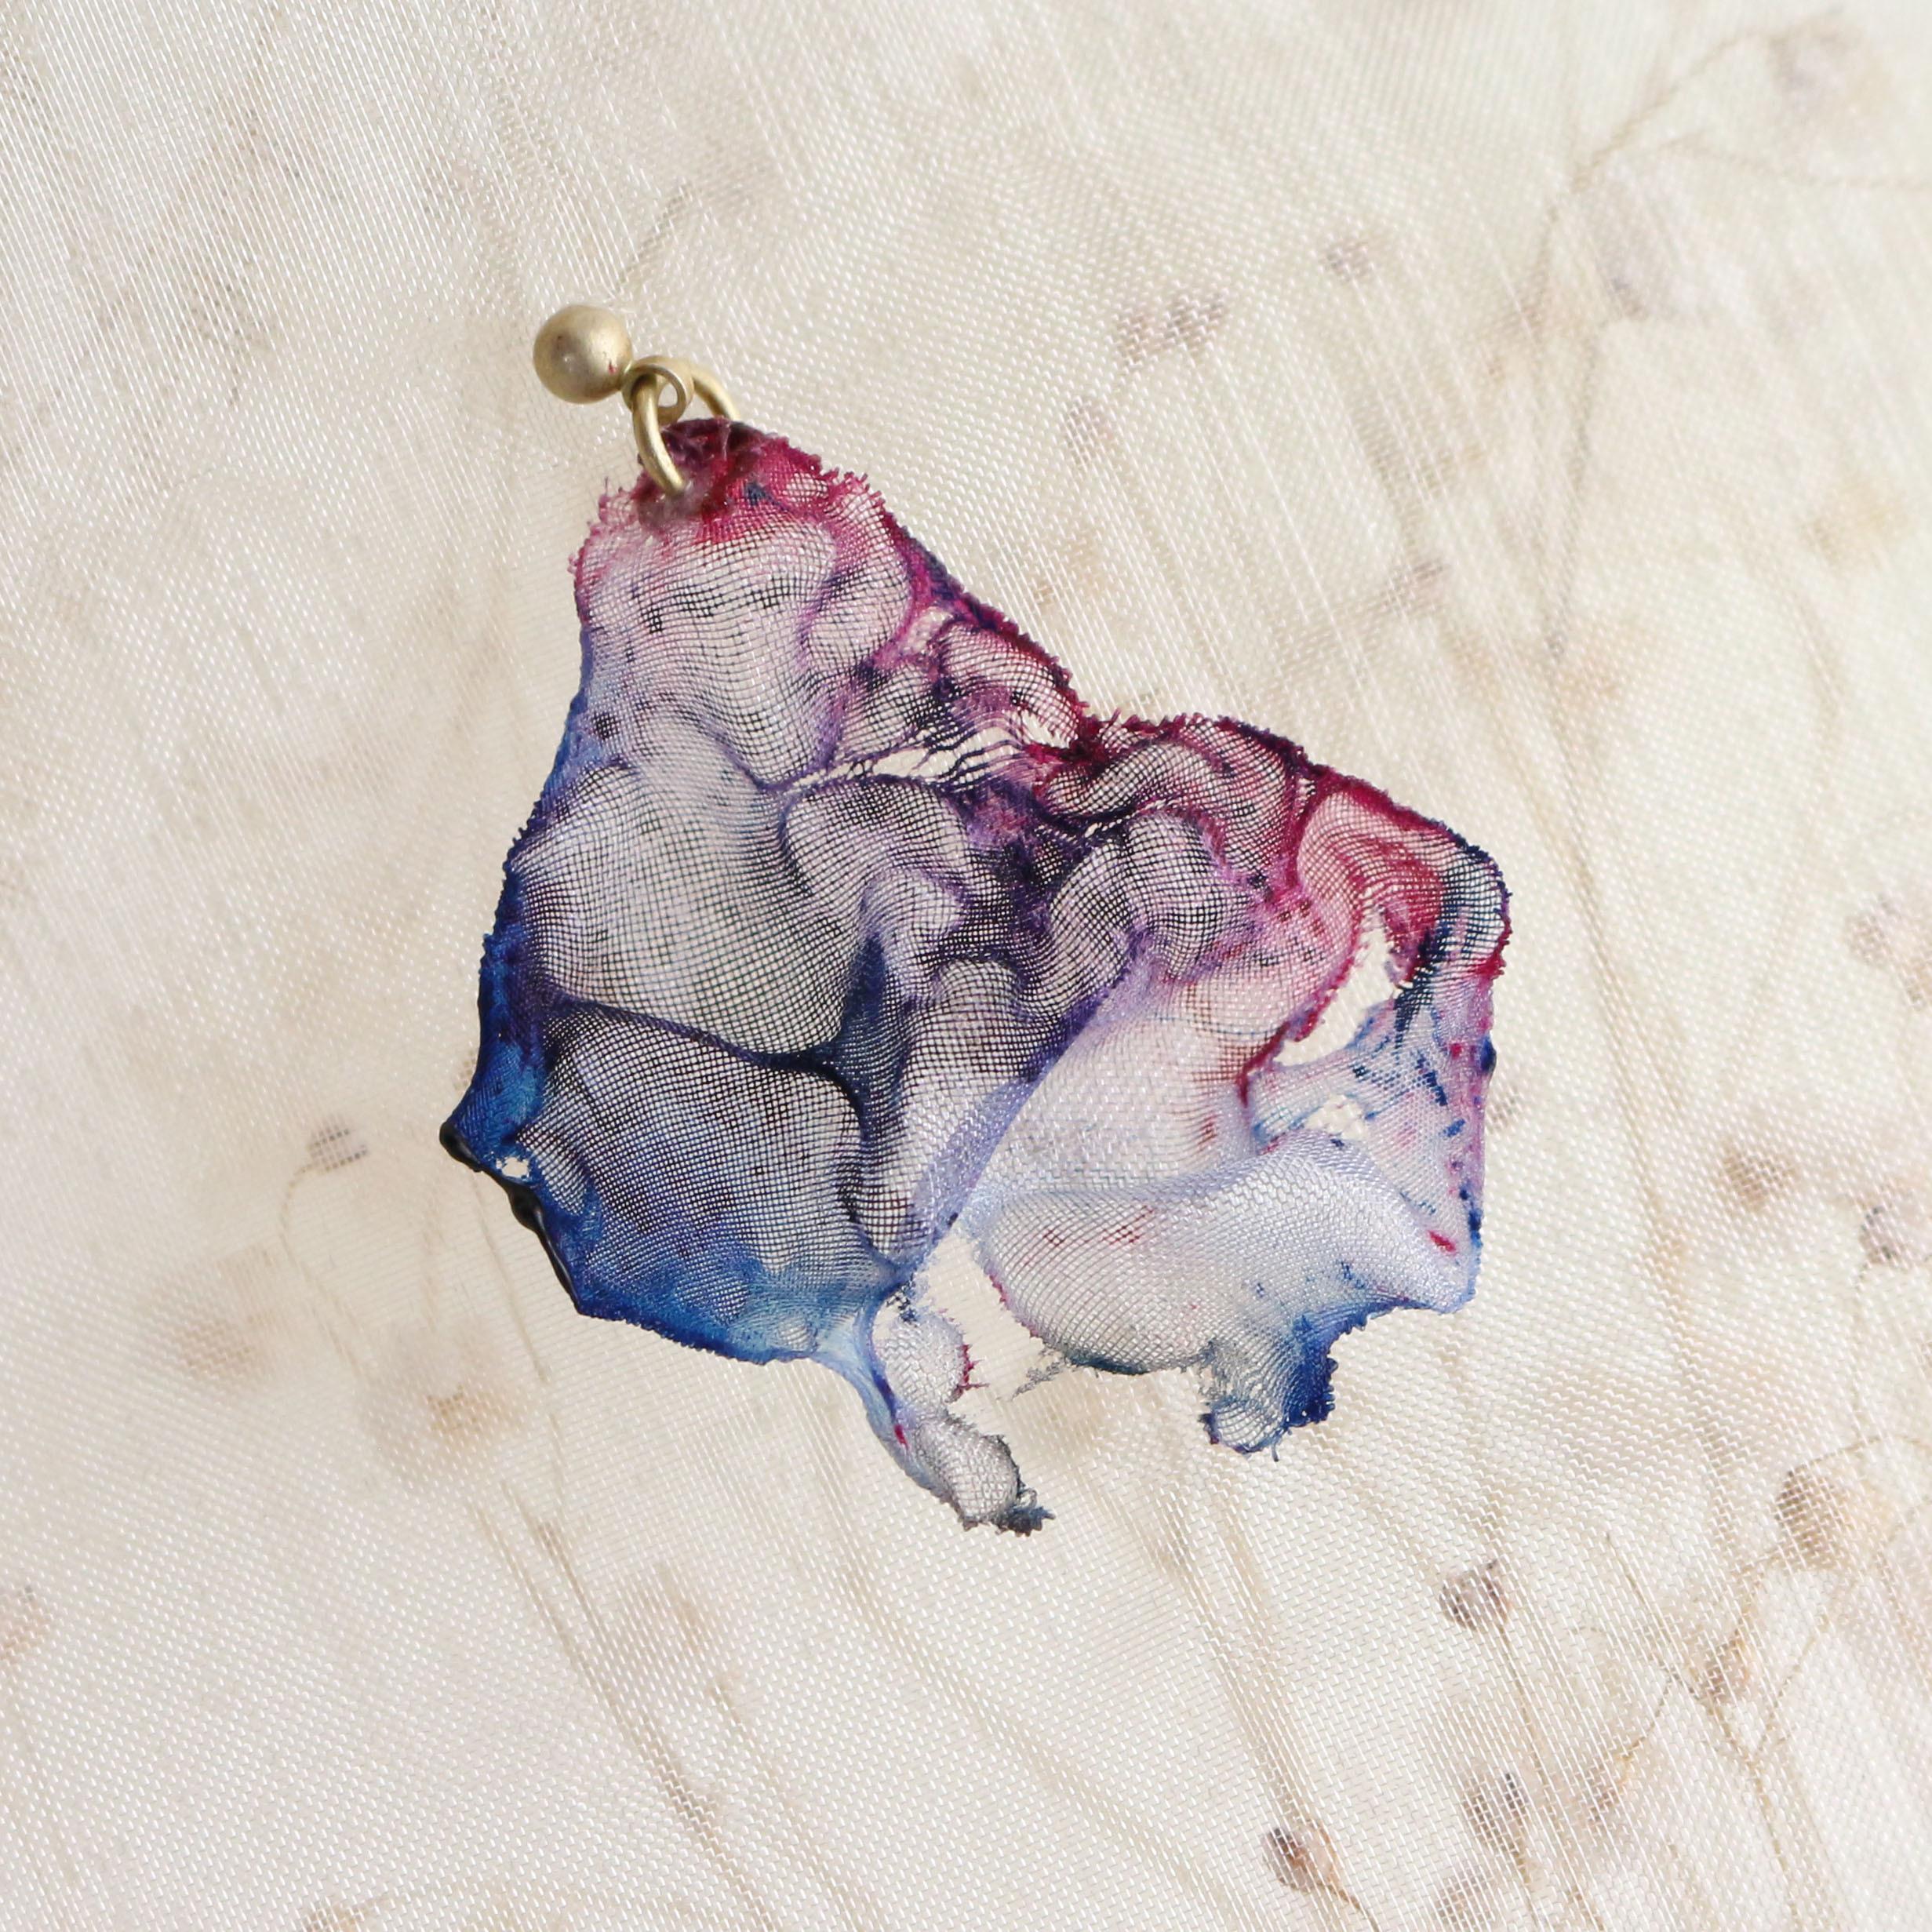 染めオーガンジーのアートピアス|ゆめいろ